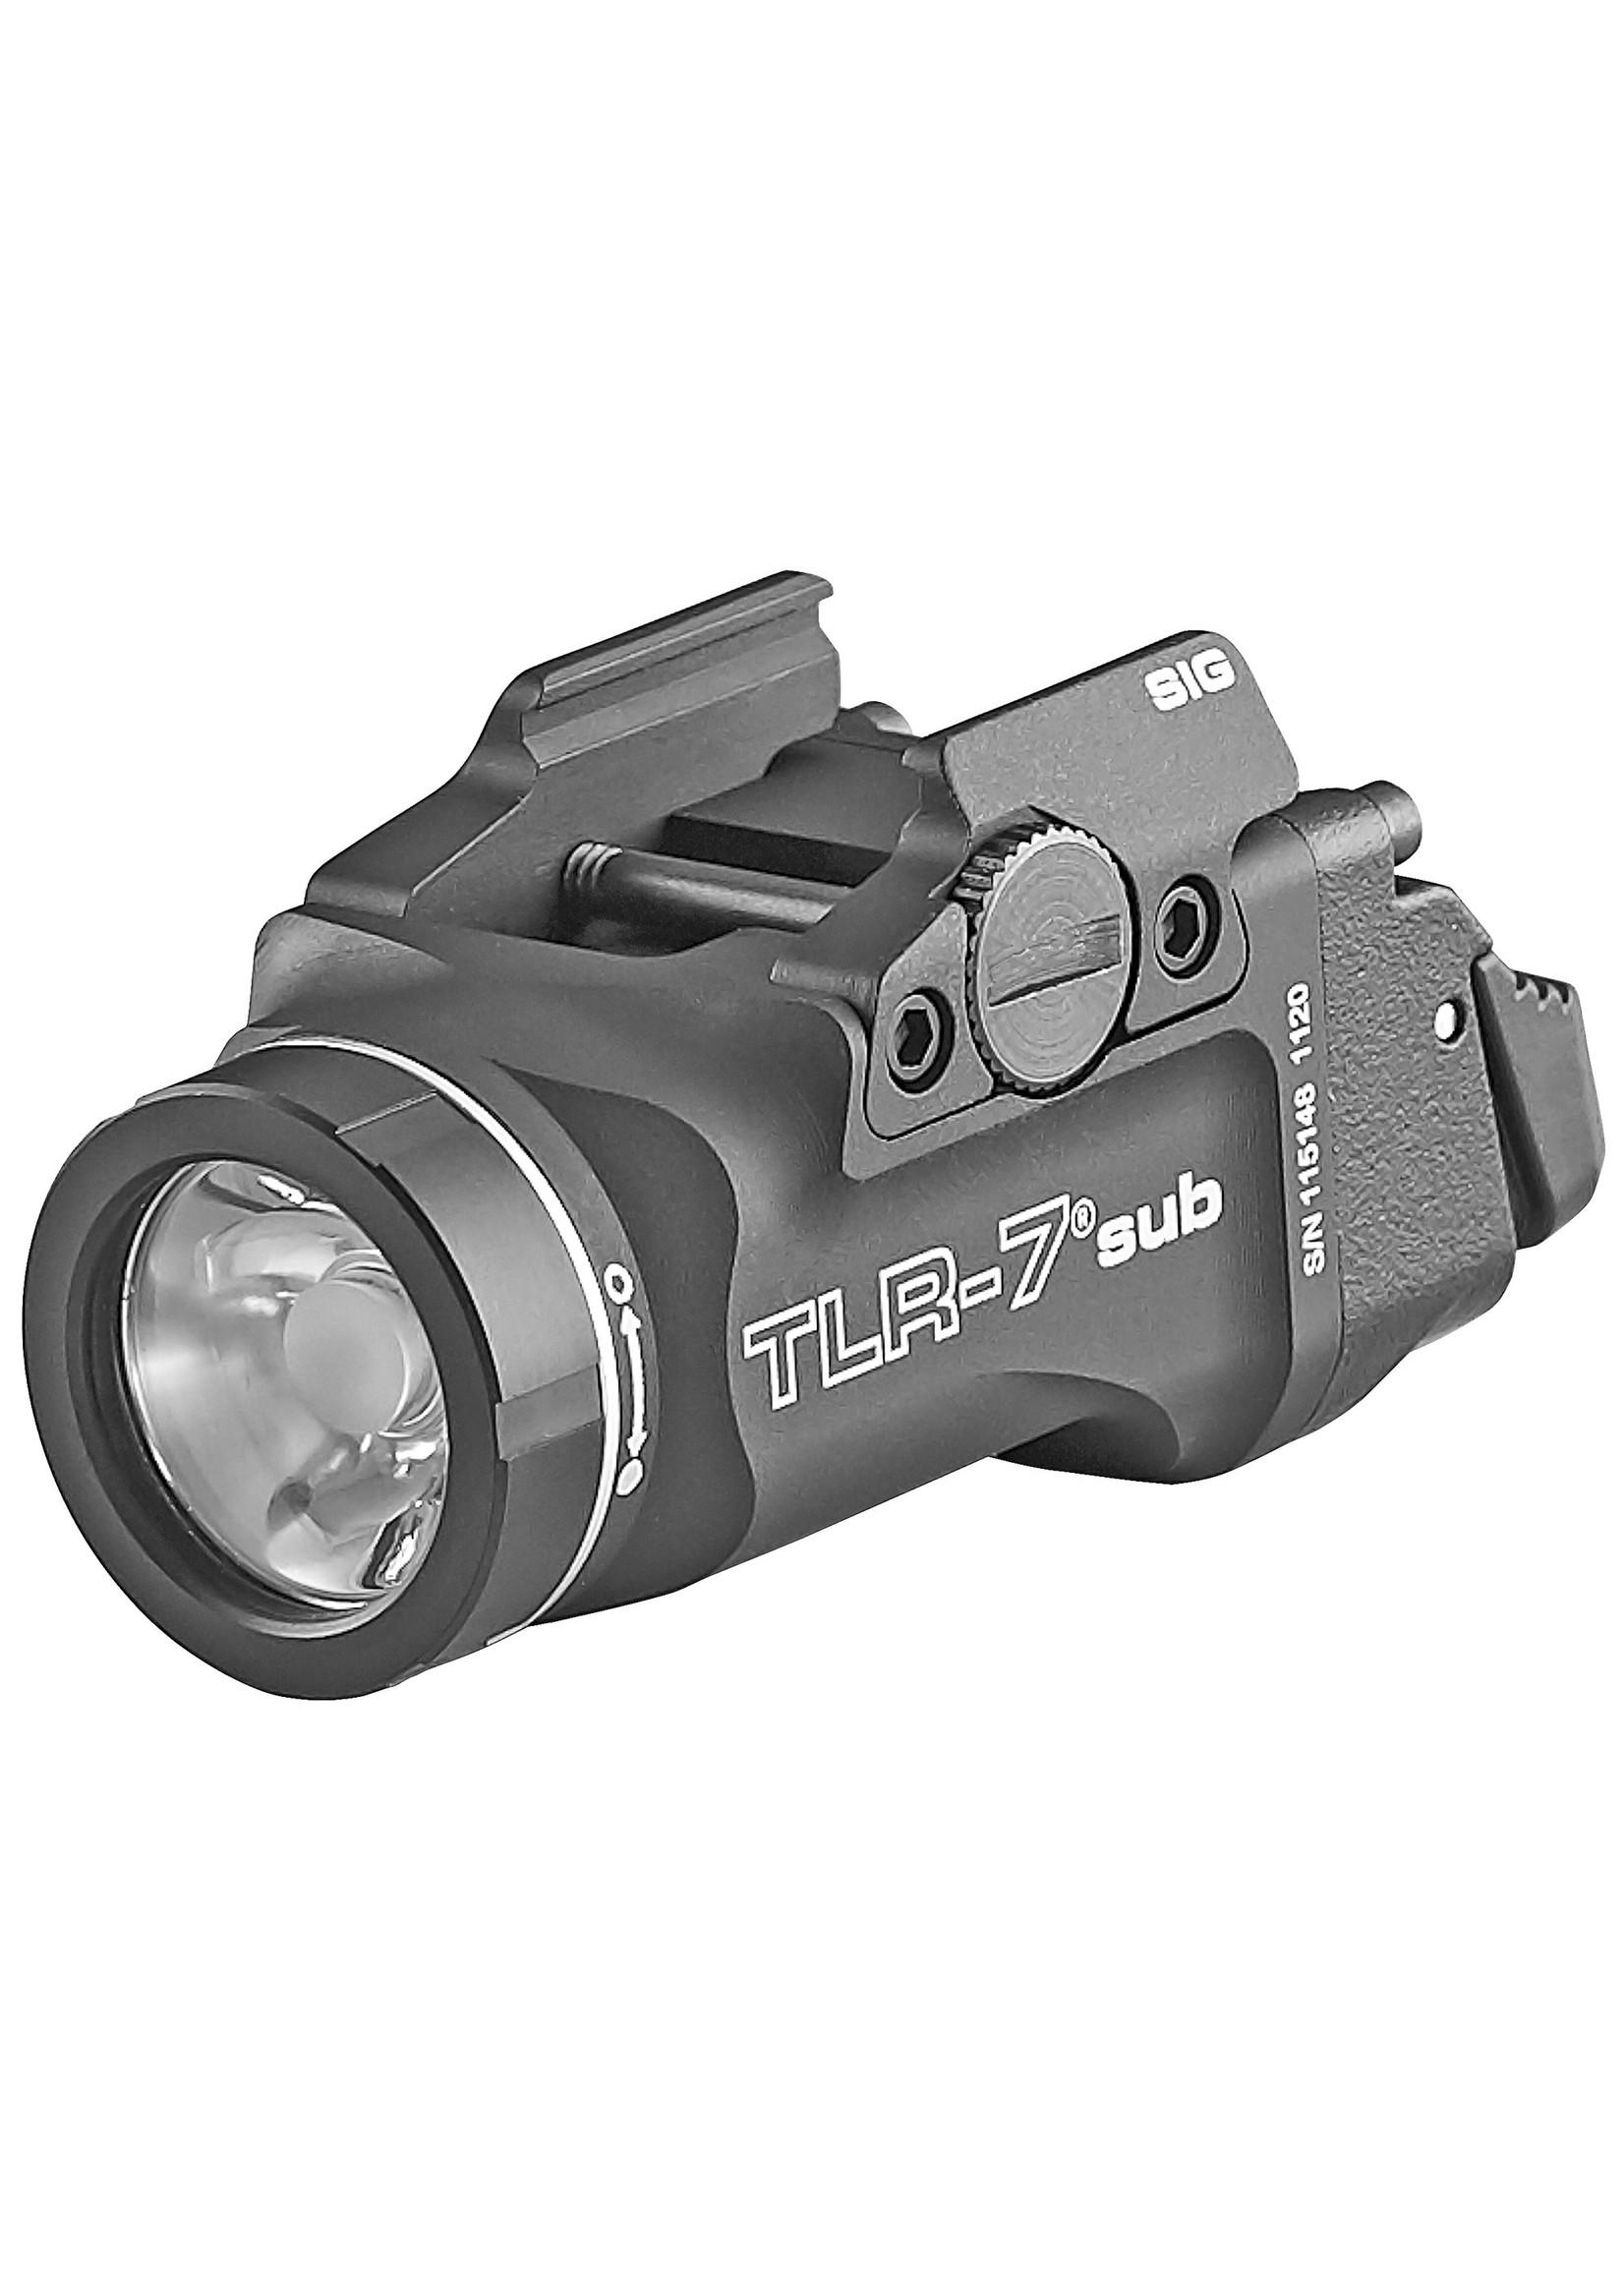 STREAMLIGHT Streamlight TLR-7 Sub Weaponlight